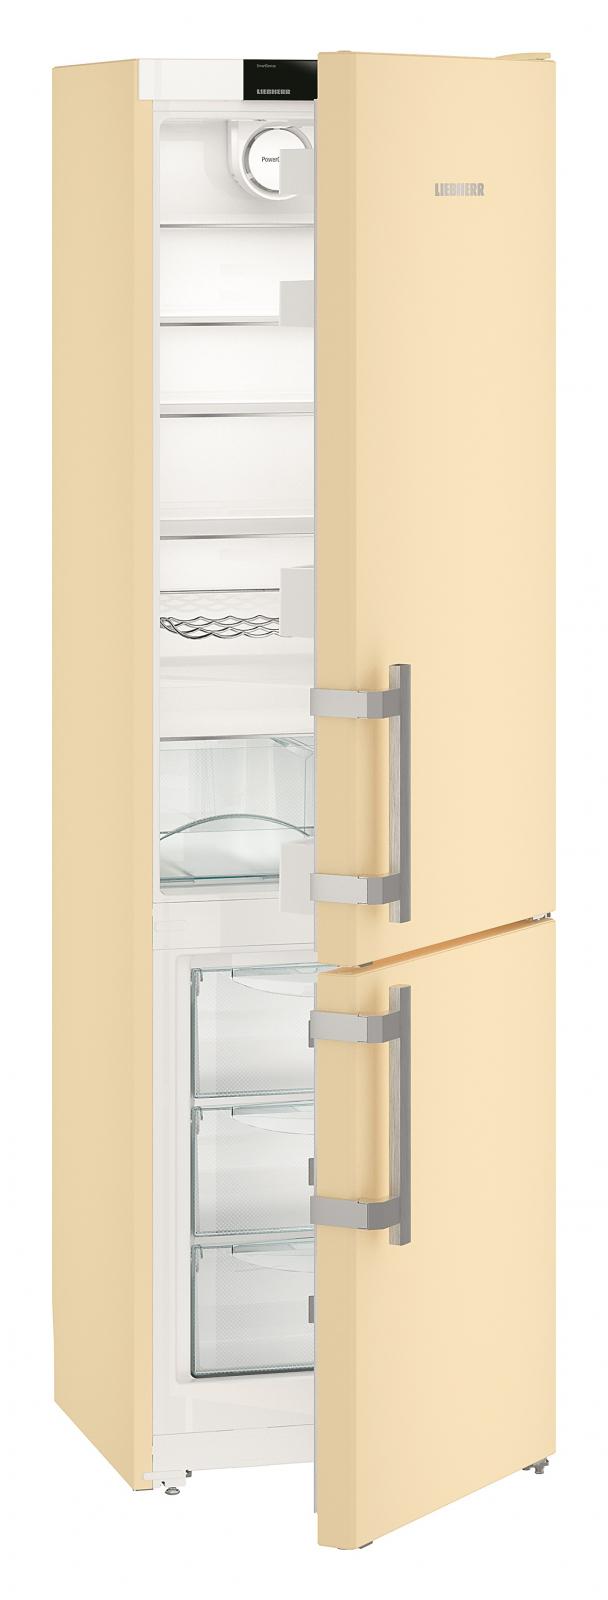 купить Двухкамерный холодильник Liebherr Cbe 4025 Украина фото 6